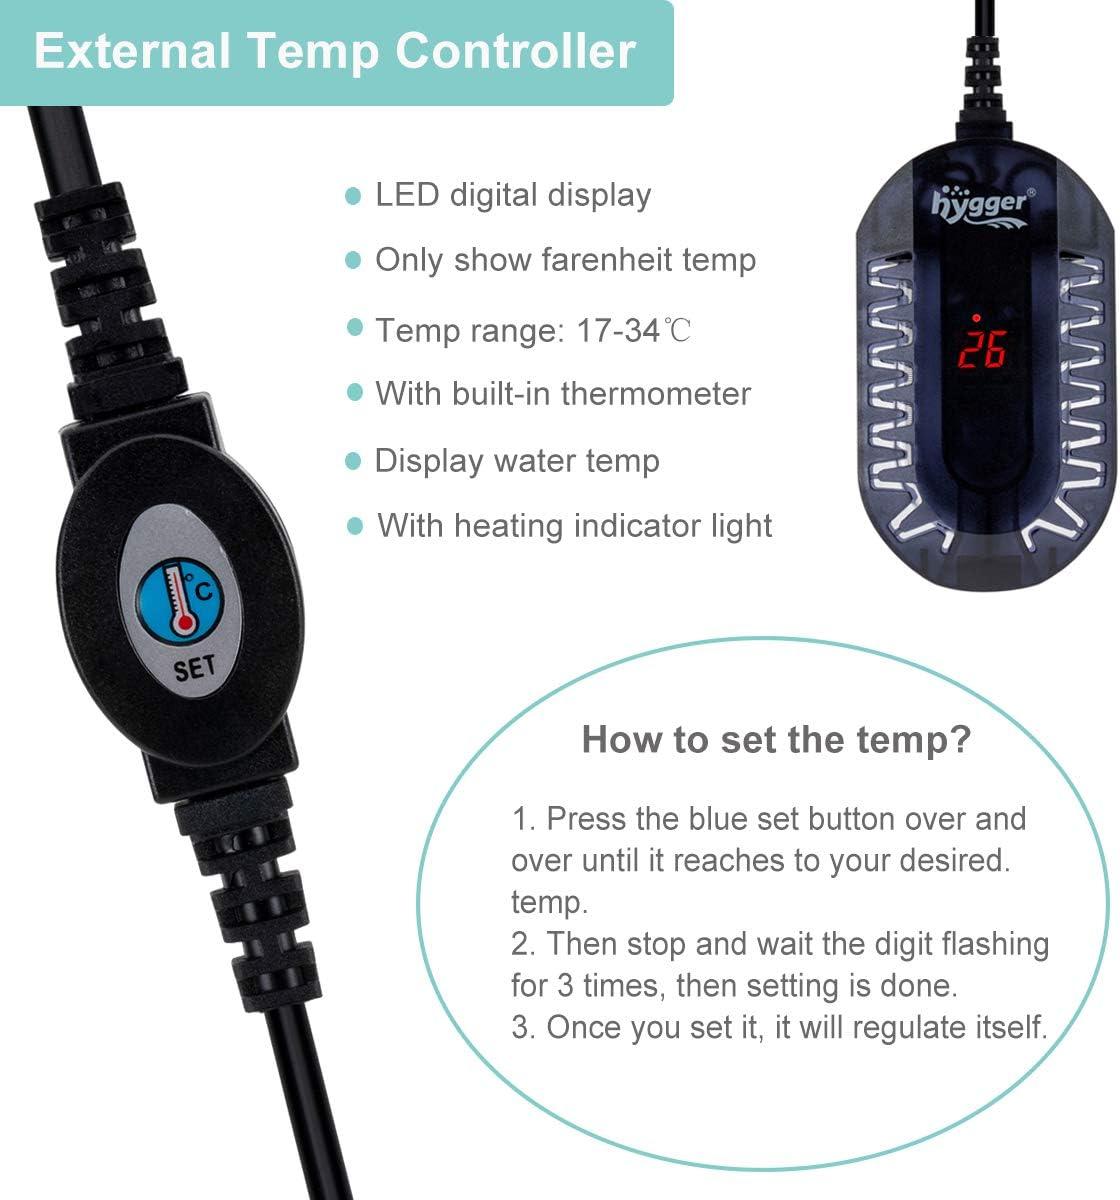 1-50 litros 50W//100W Ajustable Sumergible Calentador con LED Digital Controlador Externo Protector Antiexplosi/ón para Pecera de Tortuga Betta y Peque/ña hygger Calentador para Acuario